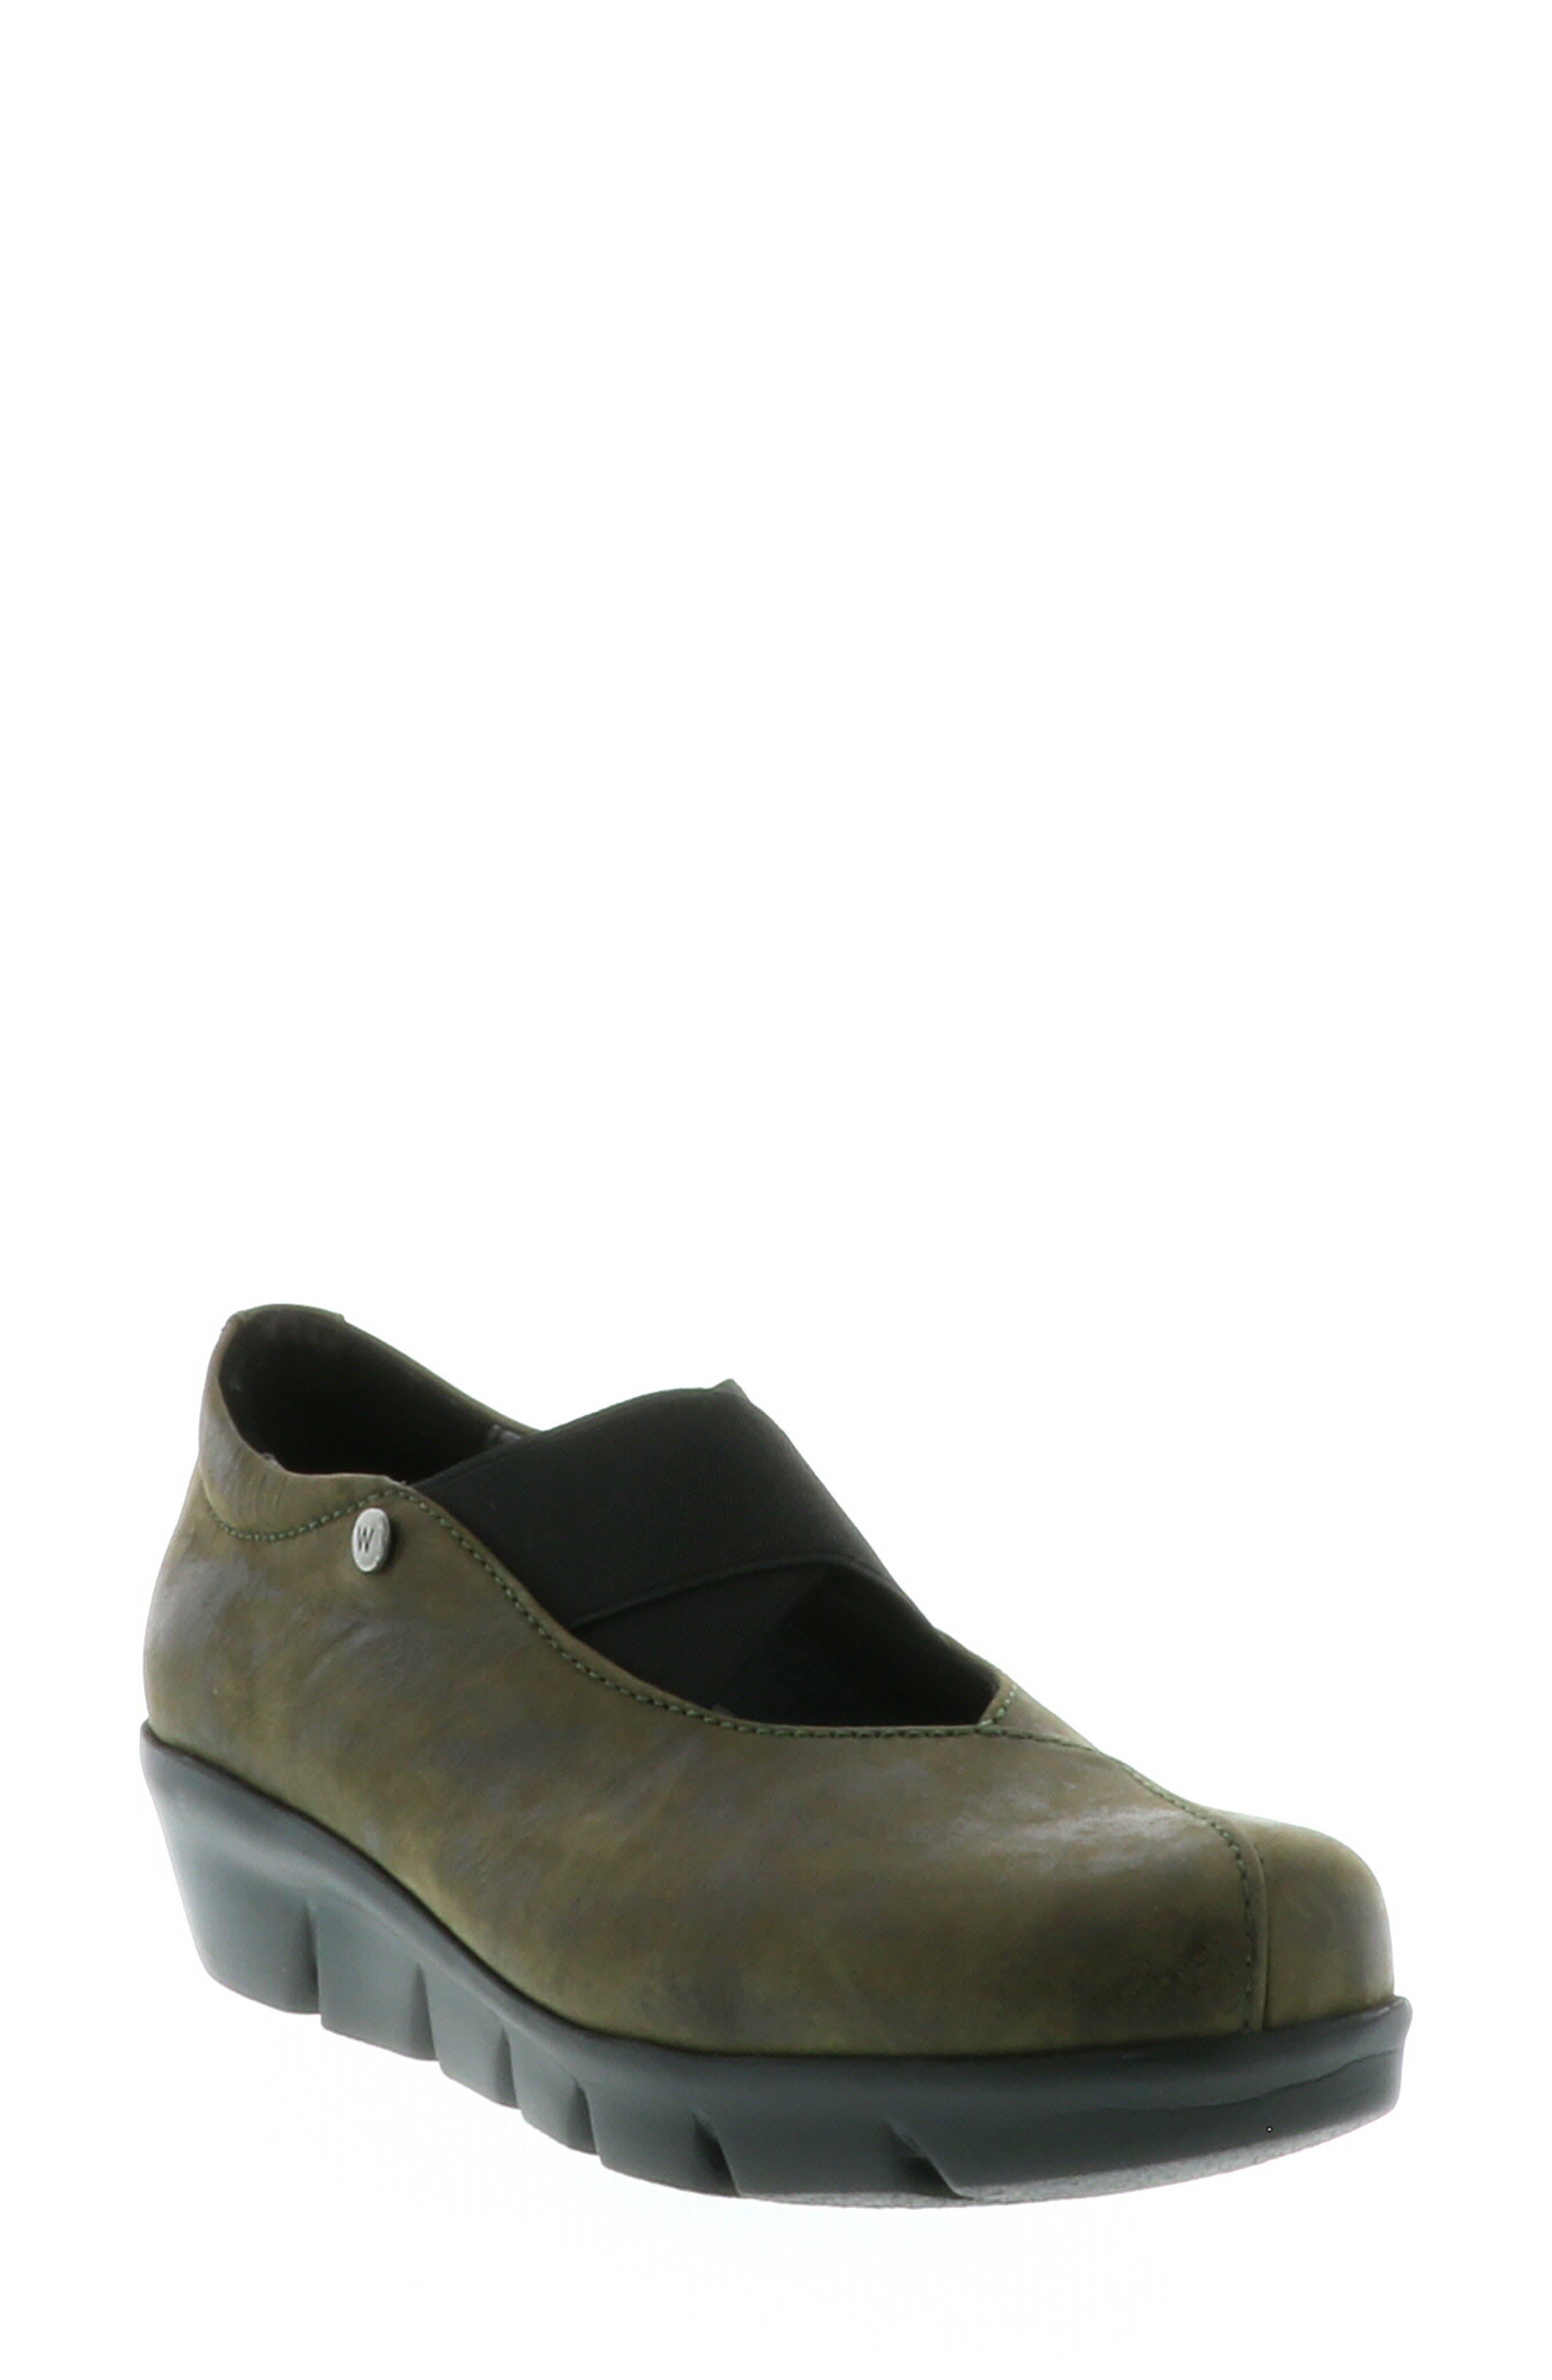 Wolky Cursa Slip-On Sneaker - Green